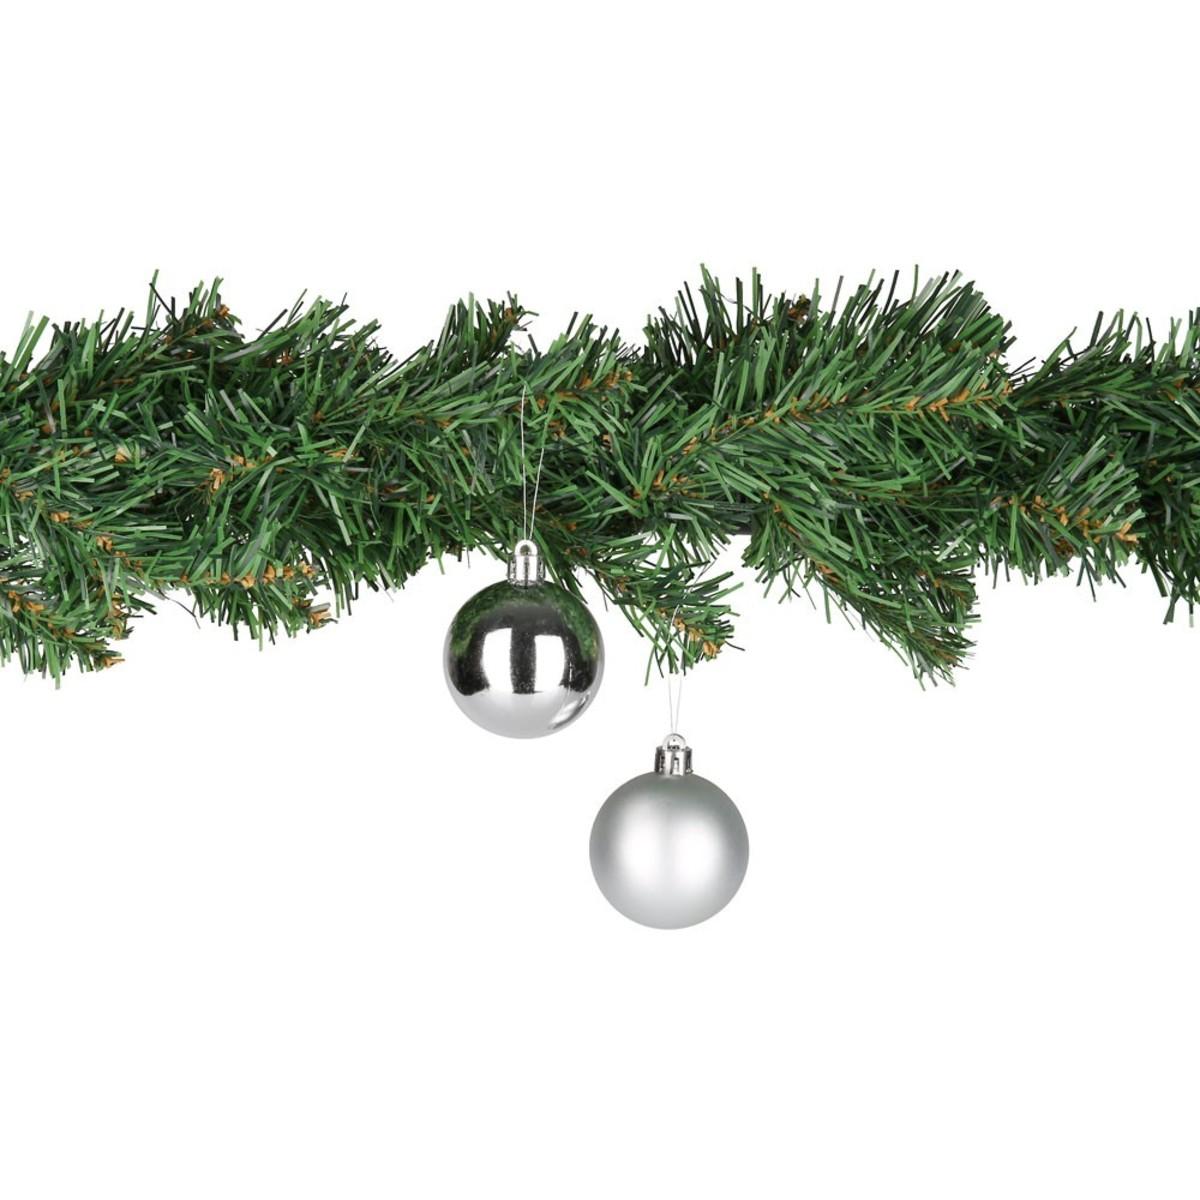 Bild 1 von Weihnachtskugeln 5 cm, 8er-Pack silber